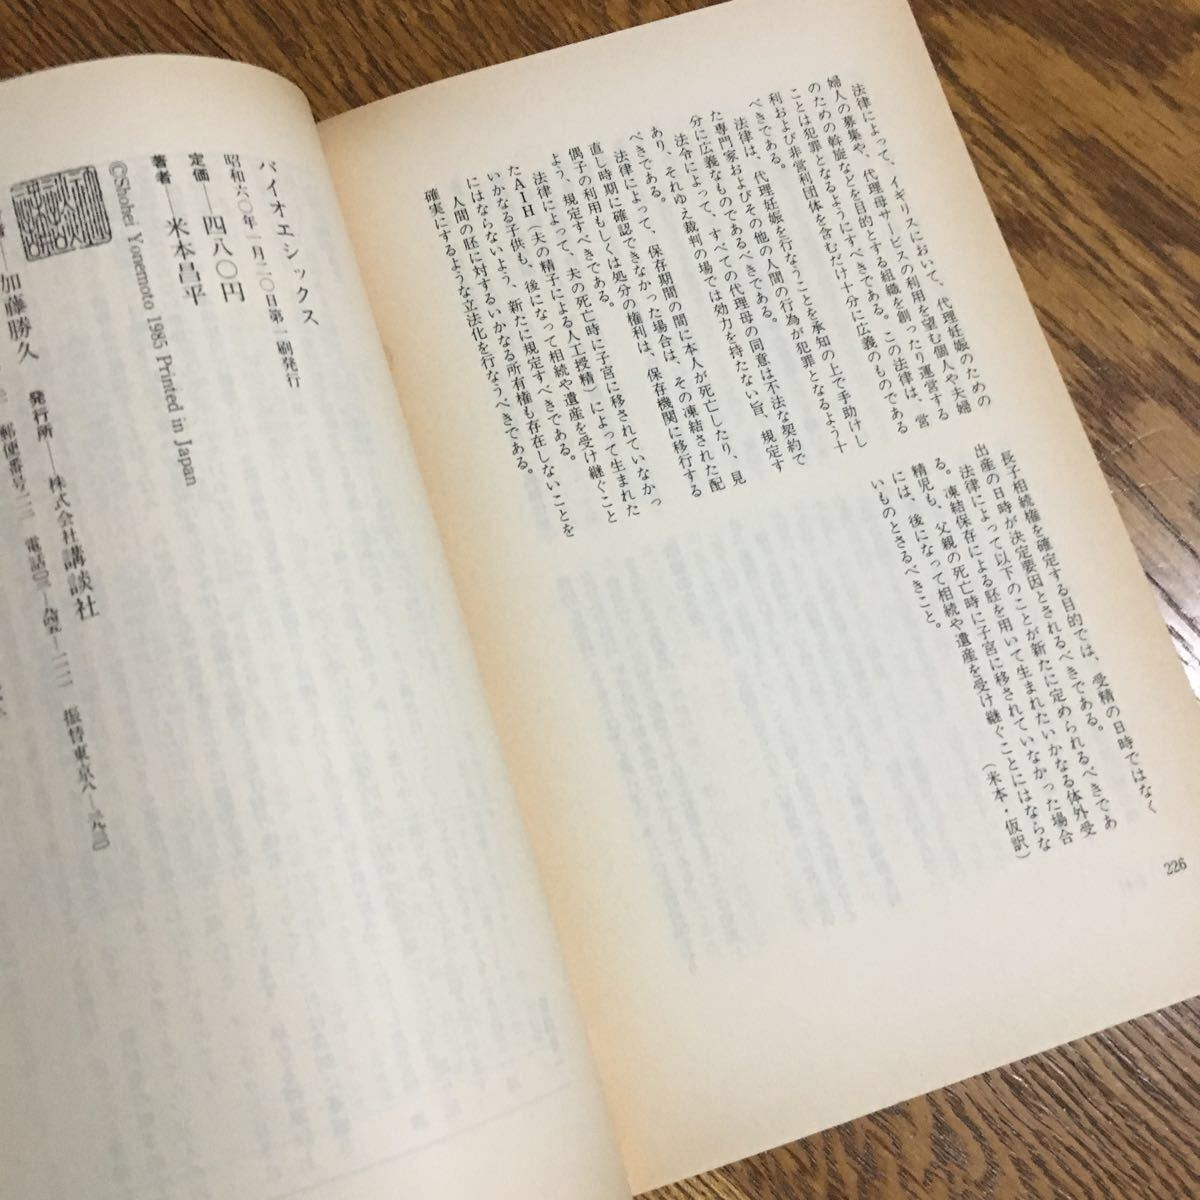 米本昌平☆講談社現代新書 バイオエシックス (第1刷)☆講談社_画像3